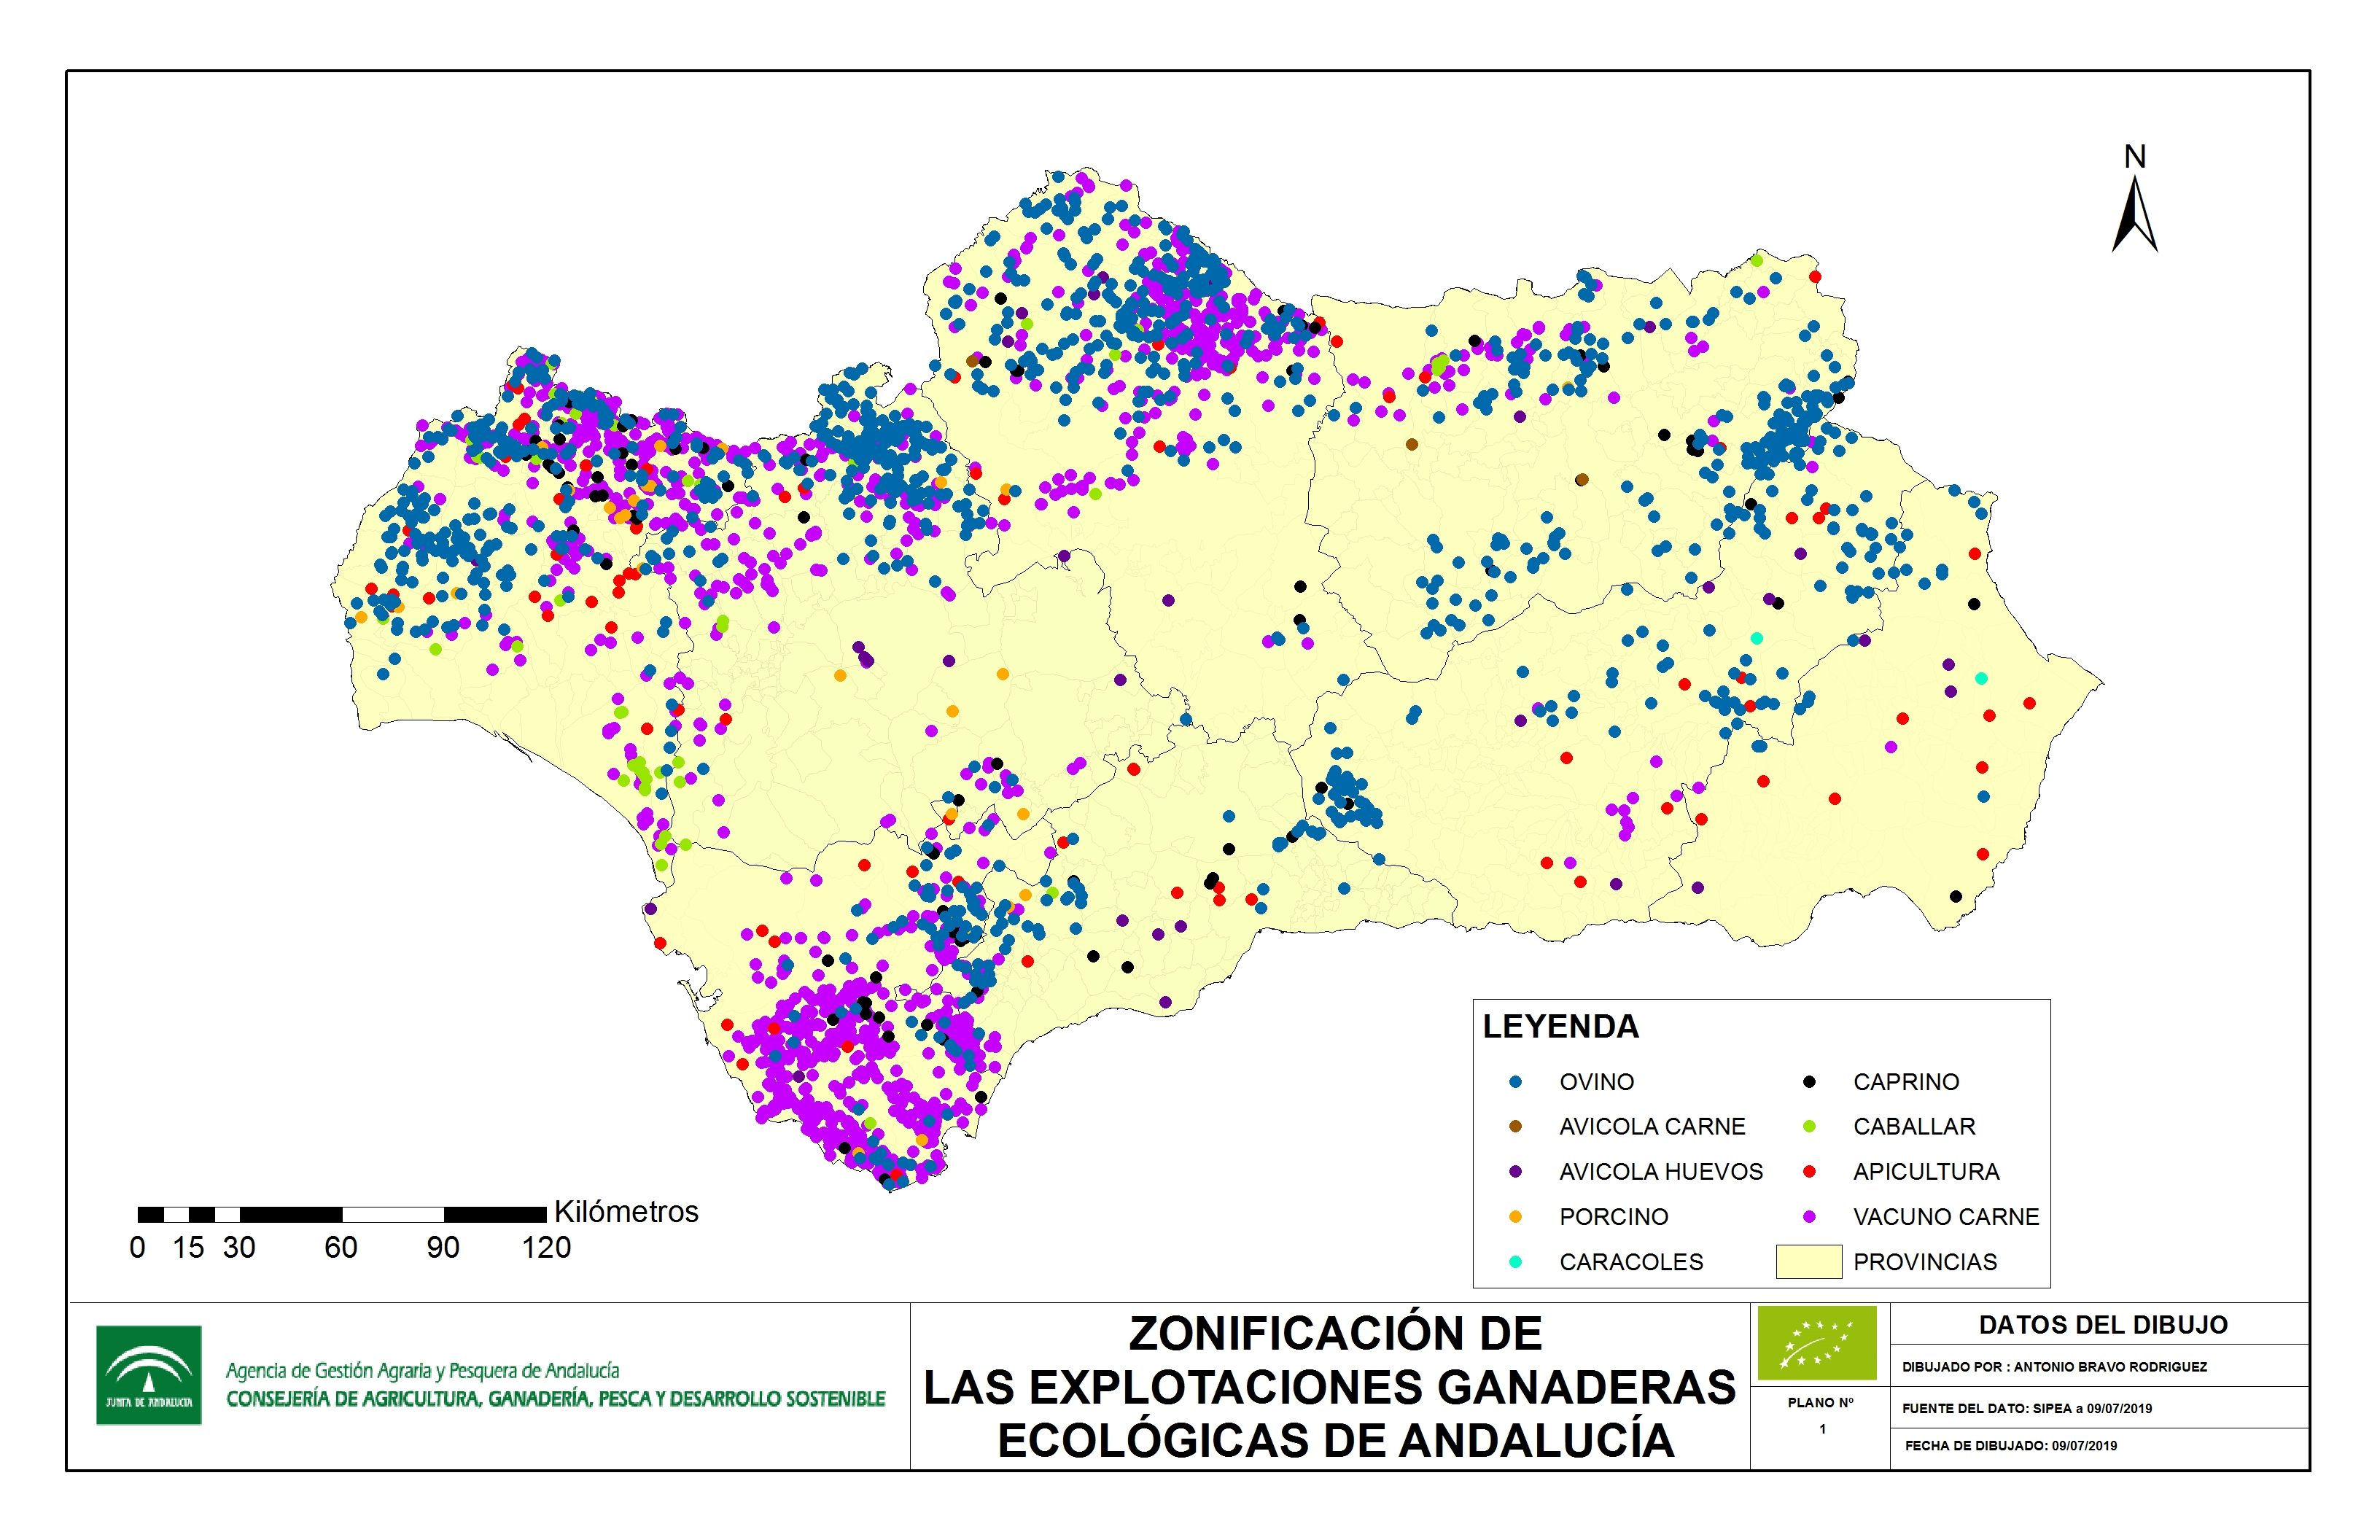 mapa de localización delas explotaciones ganaderas andaluzas a 9/07/2019